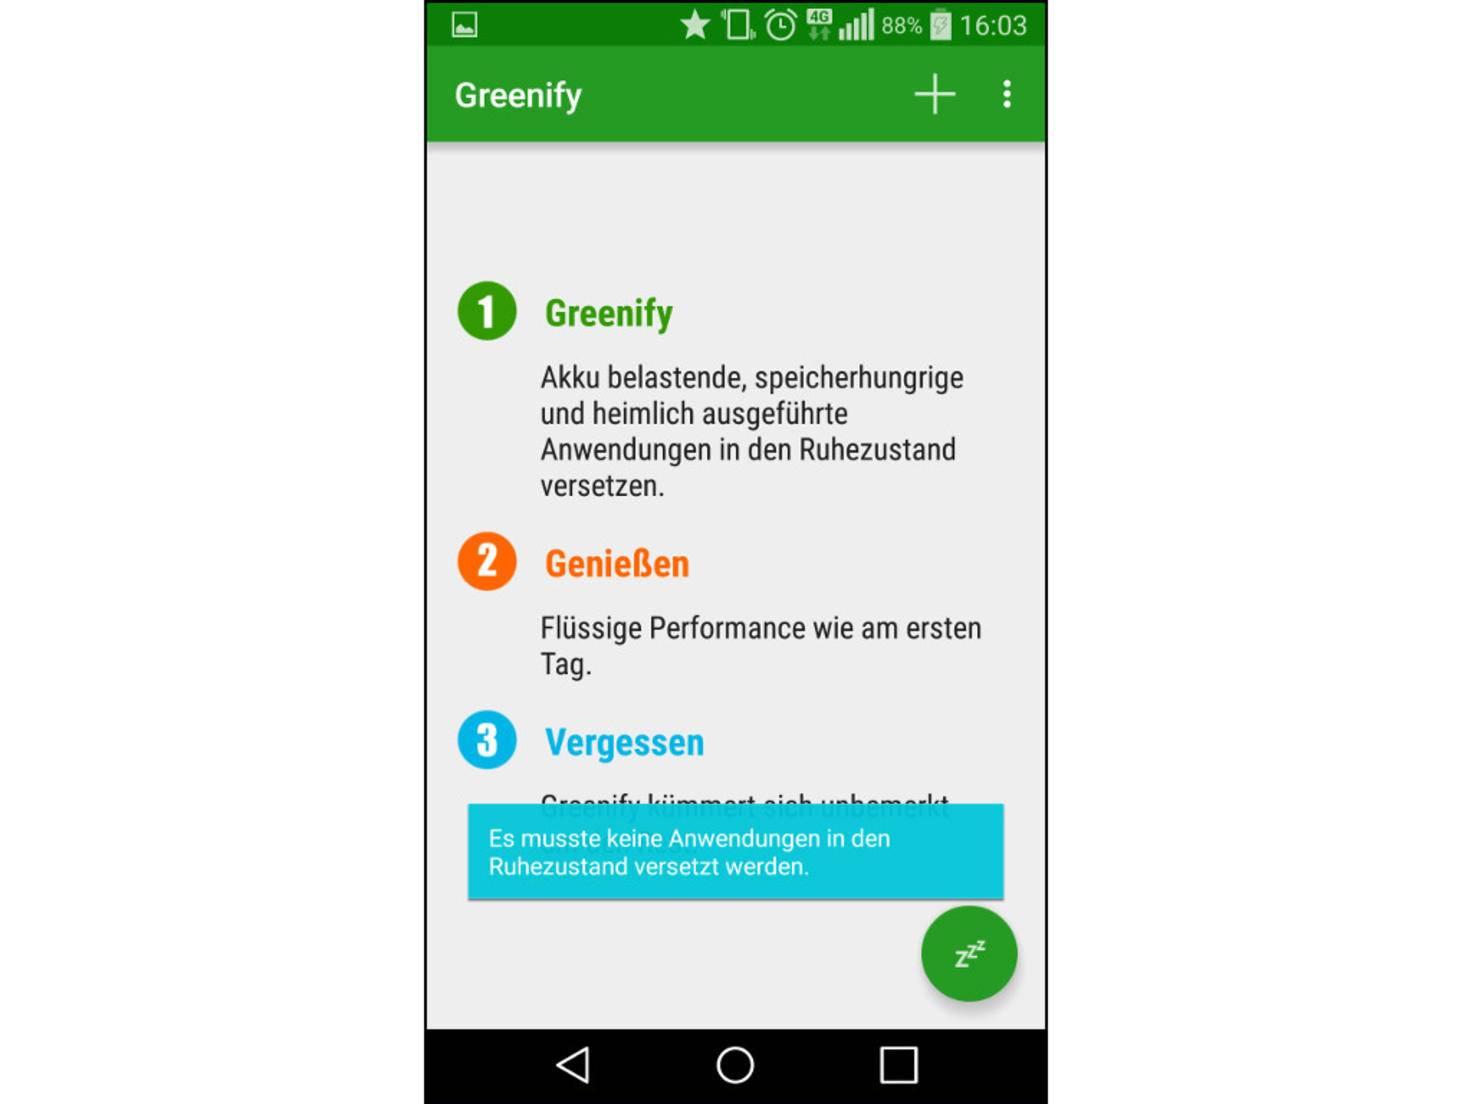 Greenify01